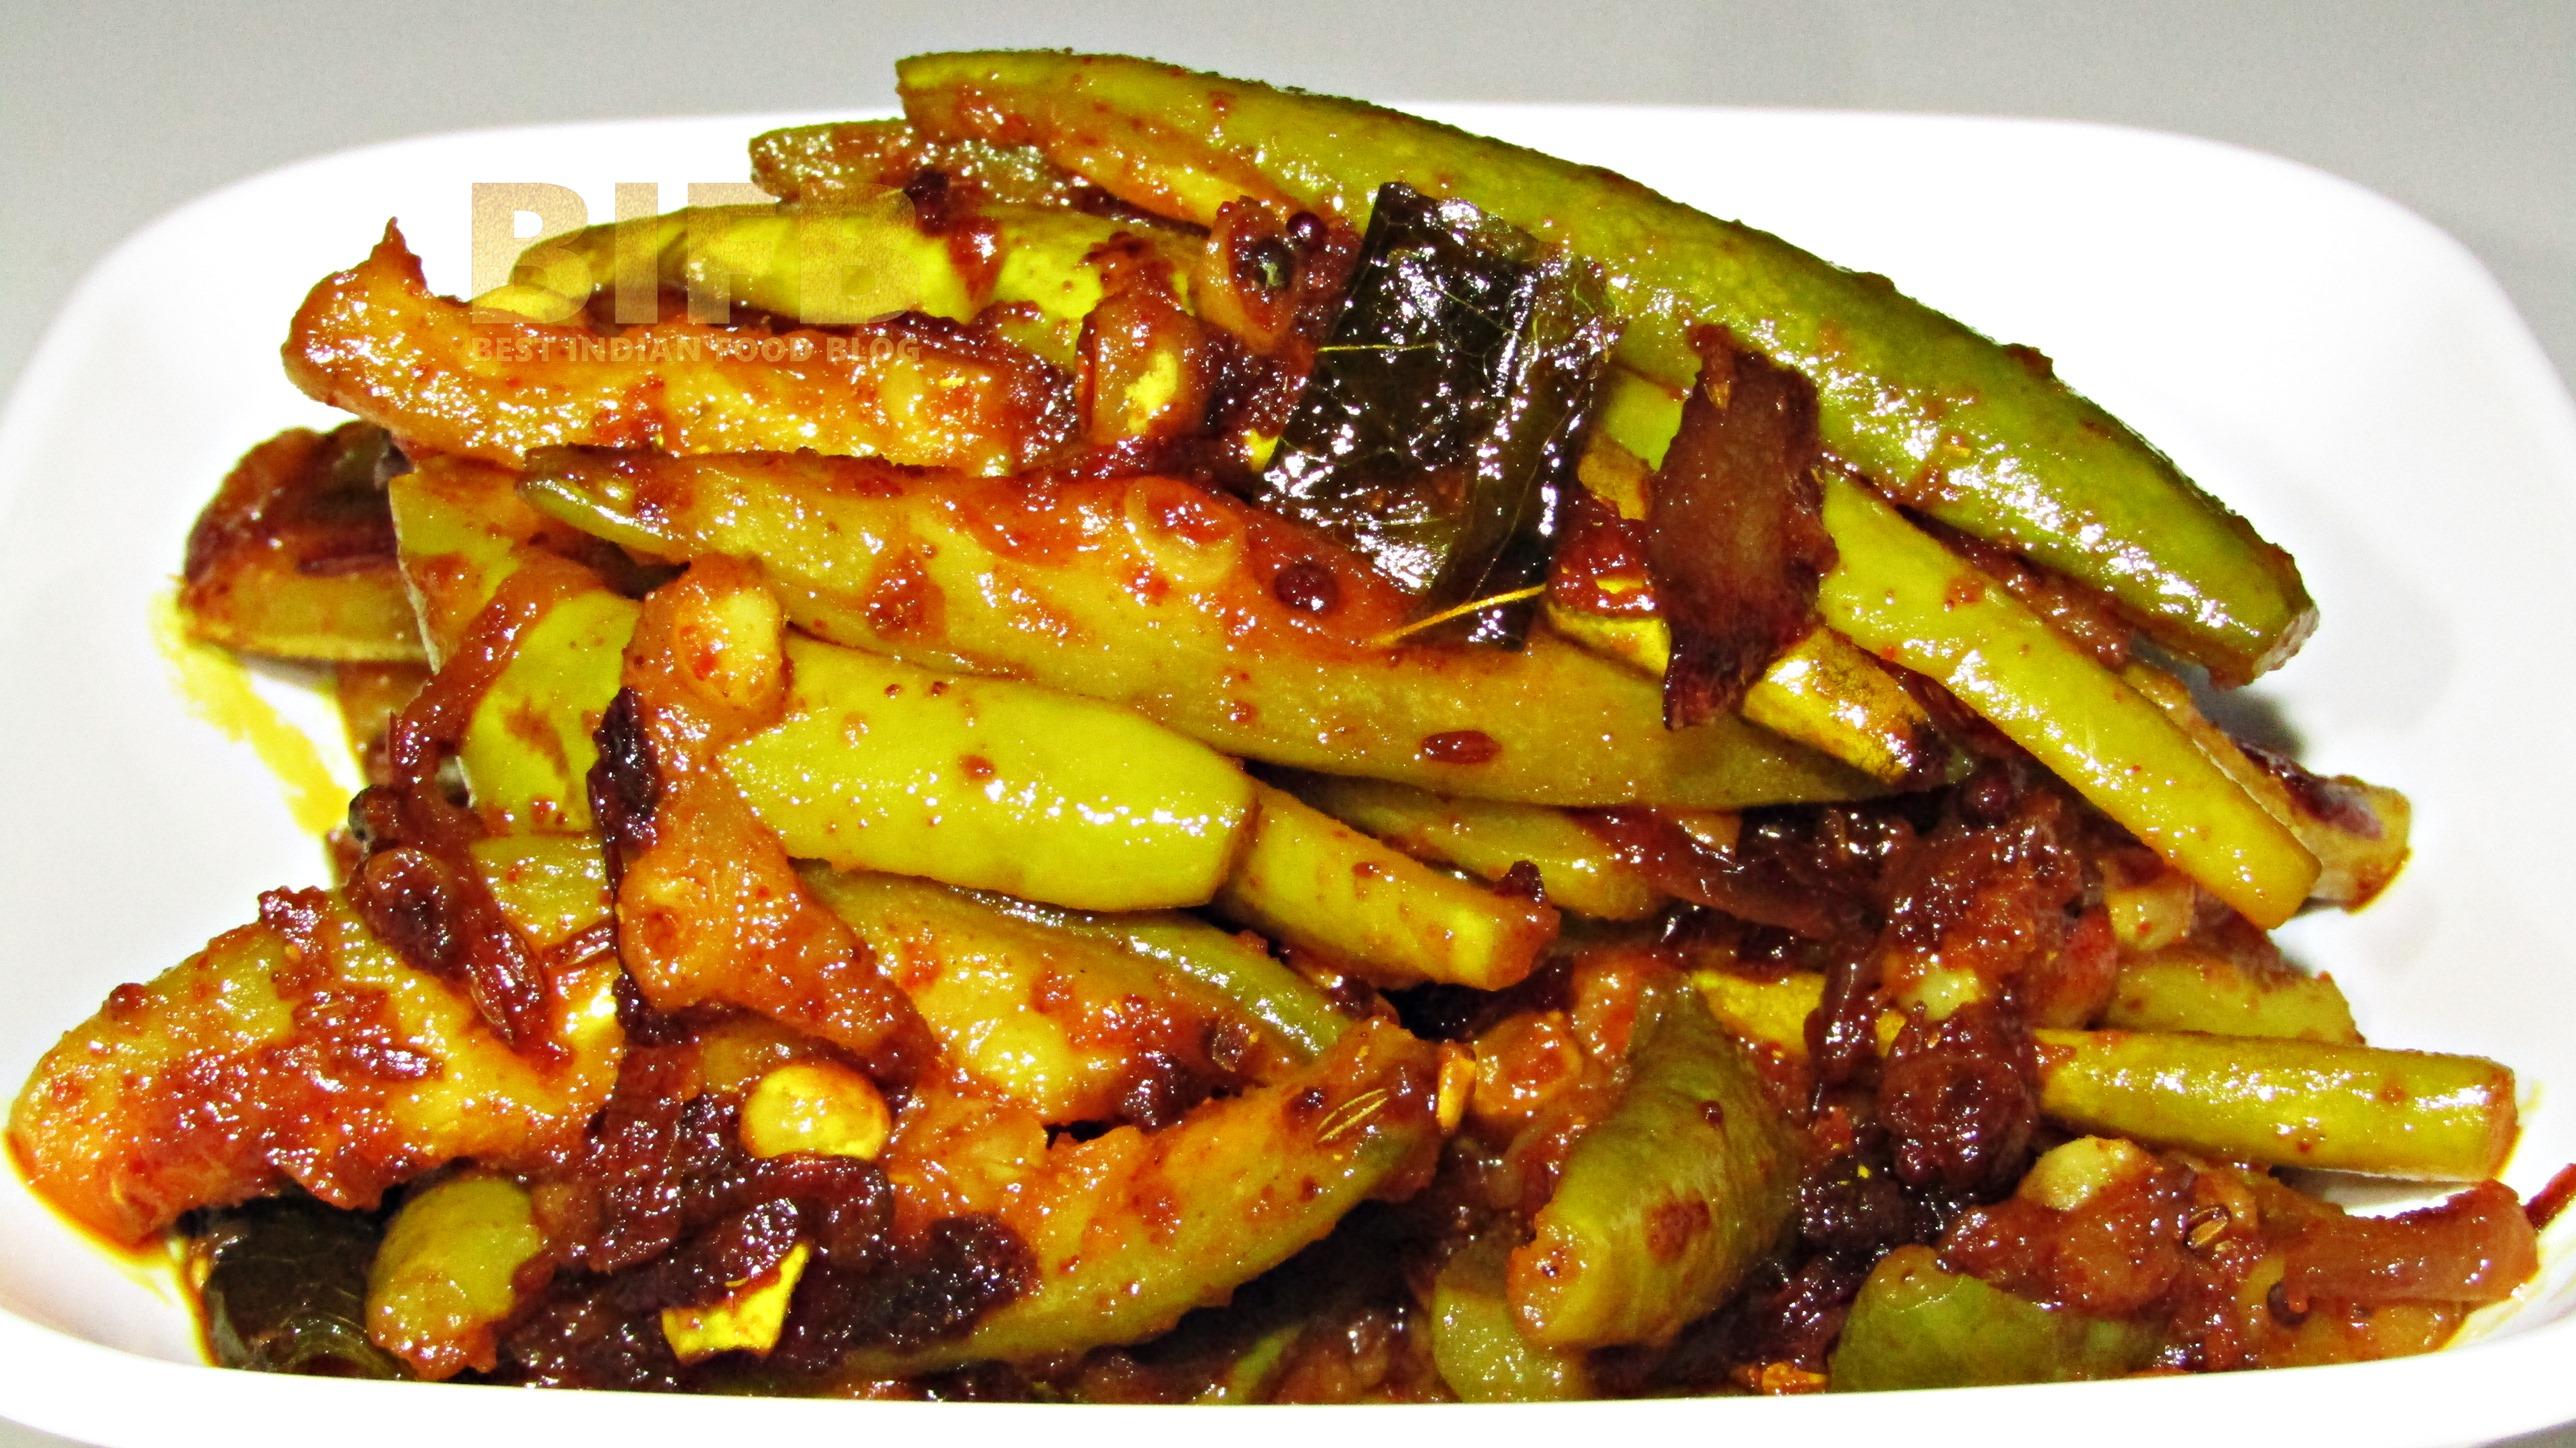 Kambupudalai Varuval from Telangana, India | Best Indian Food Blog